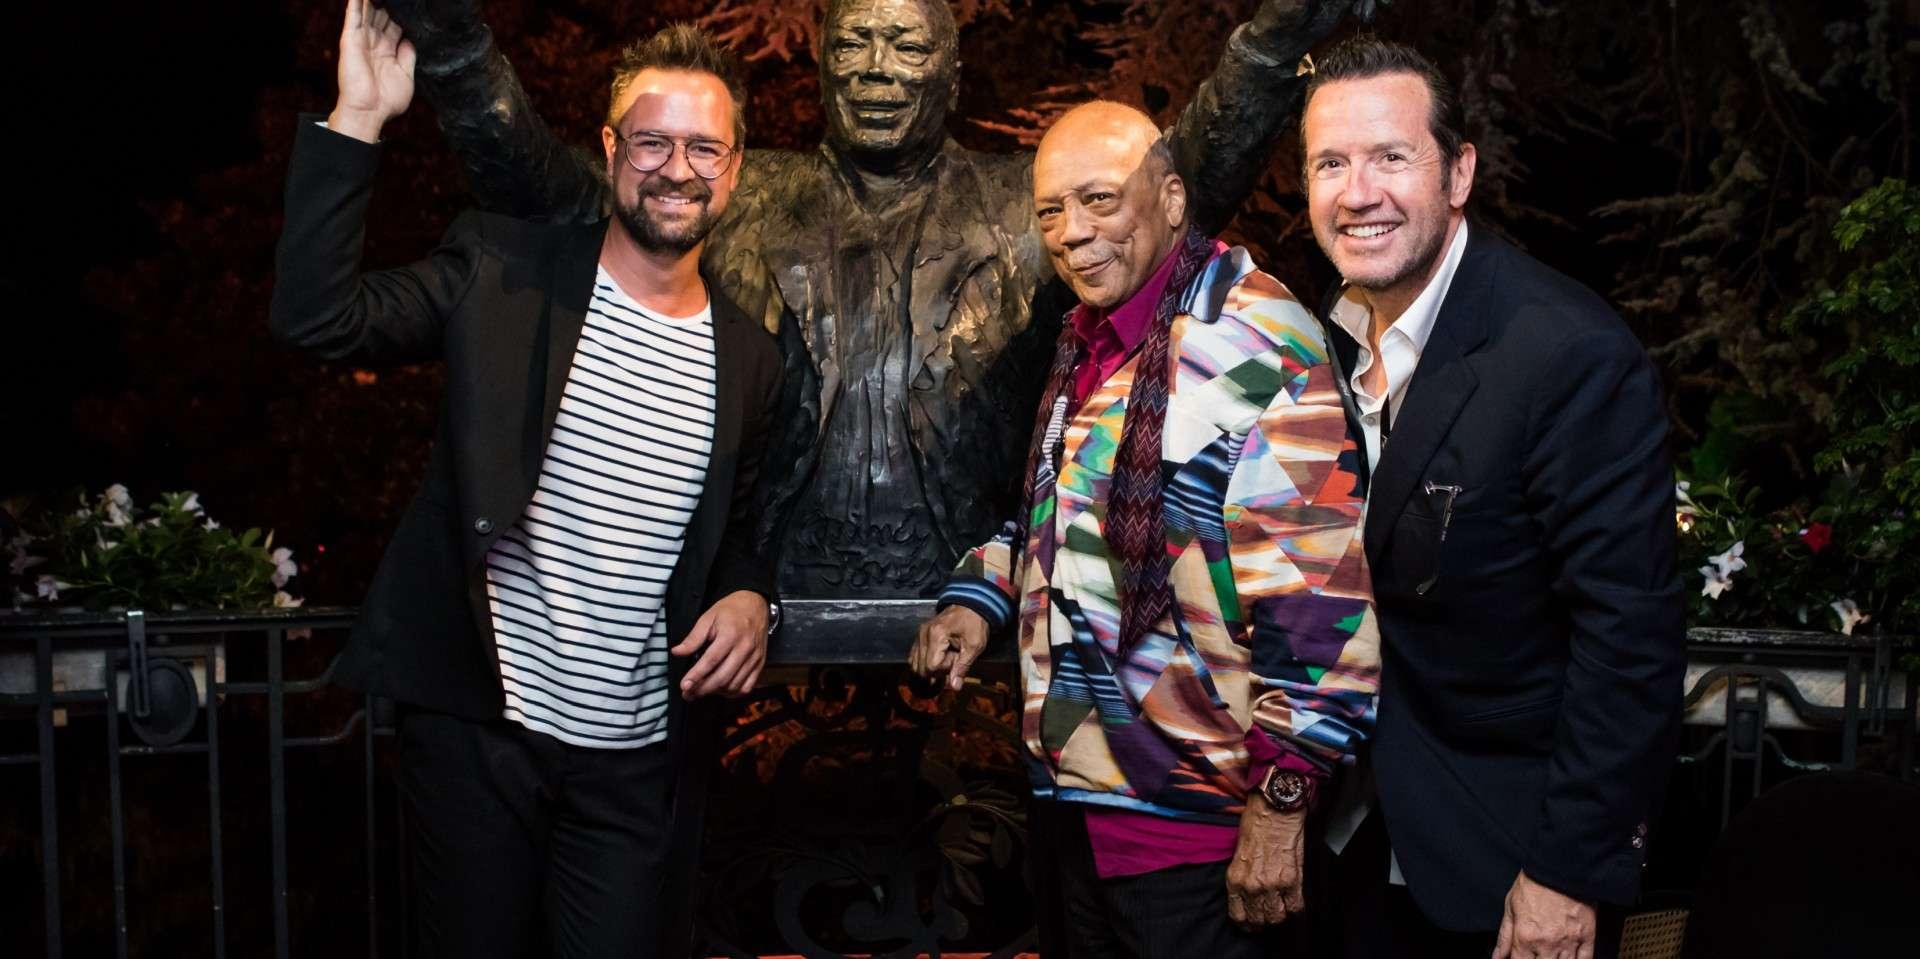 愛彼與音樂人Quincy Jones歡慶第53屆蒙特勒爵士音樂節( Montreux Jazz Festival )閉幕之夜